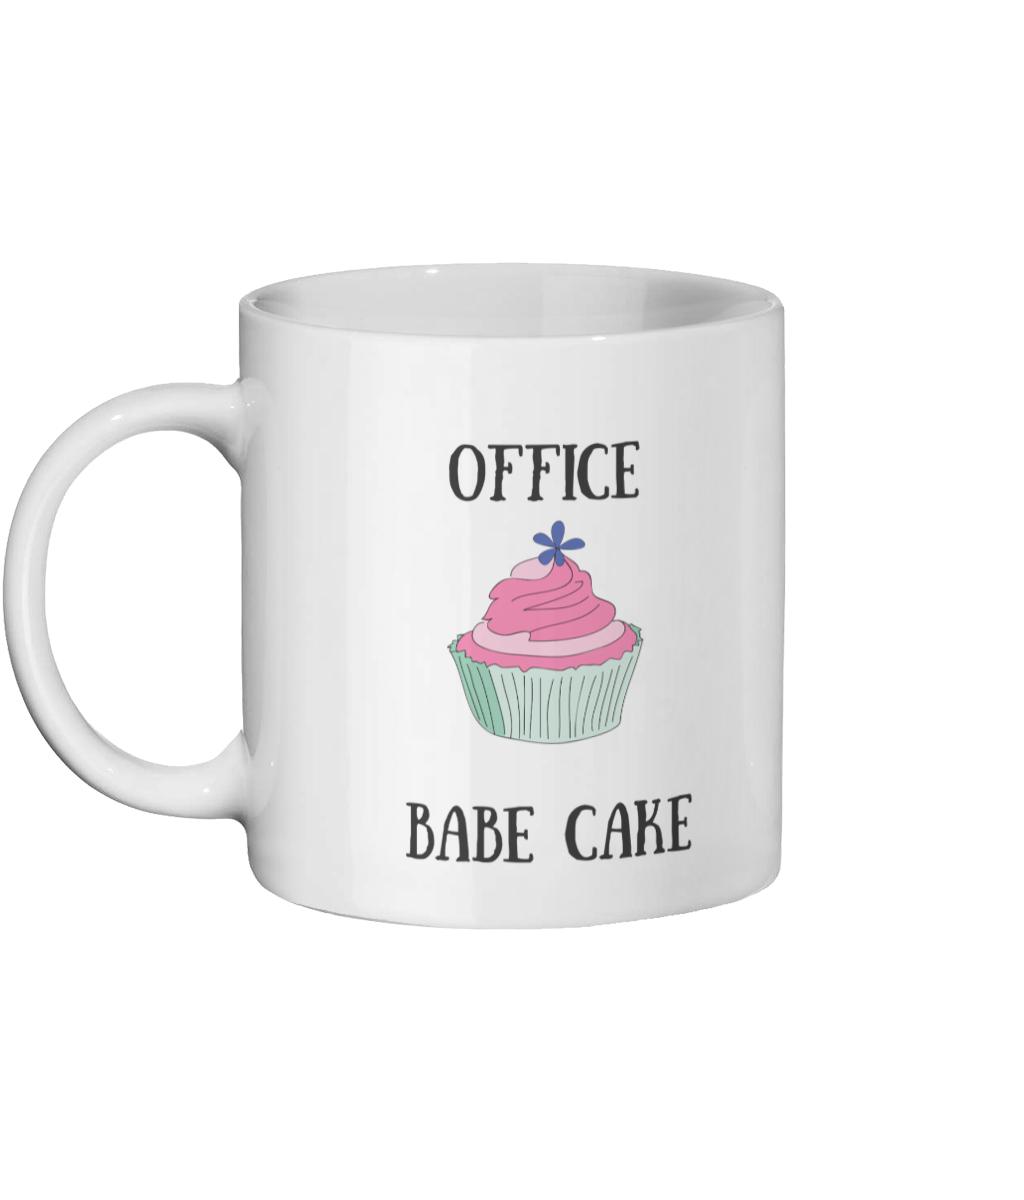 Office Babe Cake Mug Left-side